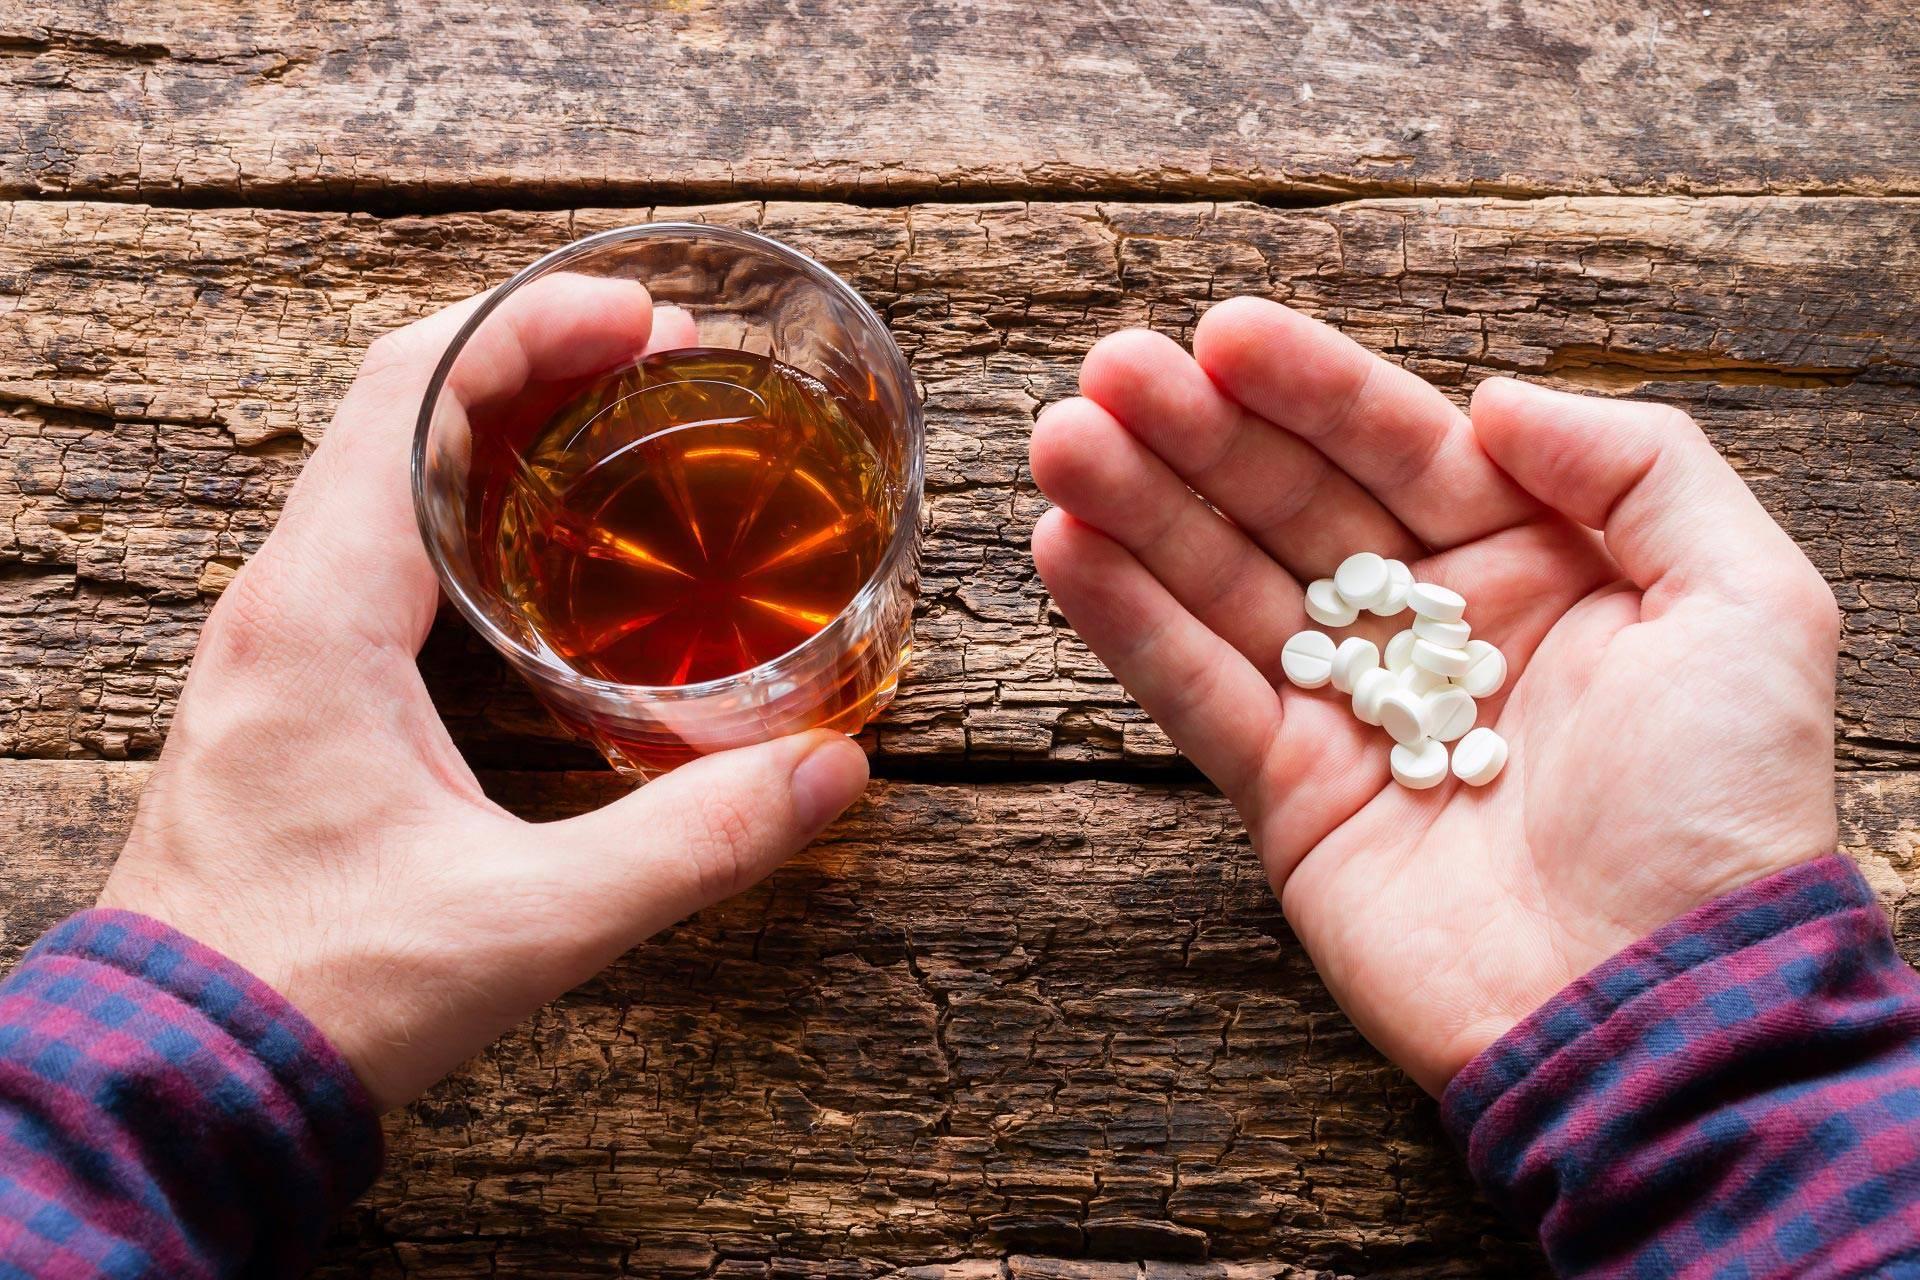 Снотворное с алкоголем: последствия употребления и смертельная доза отравление.ру снотворное с алкоголем: последствия употребления и смертельная доза